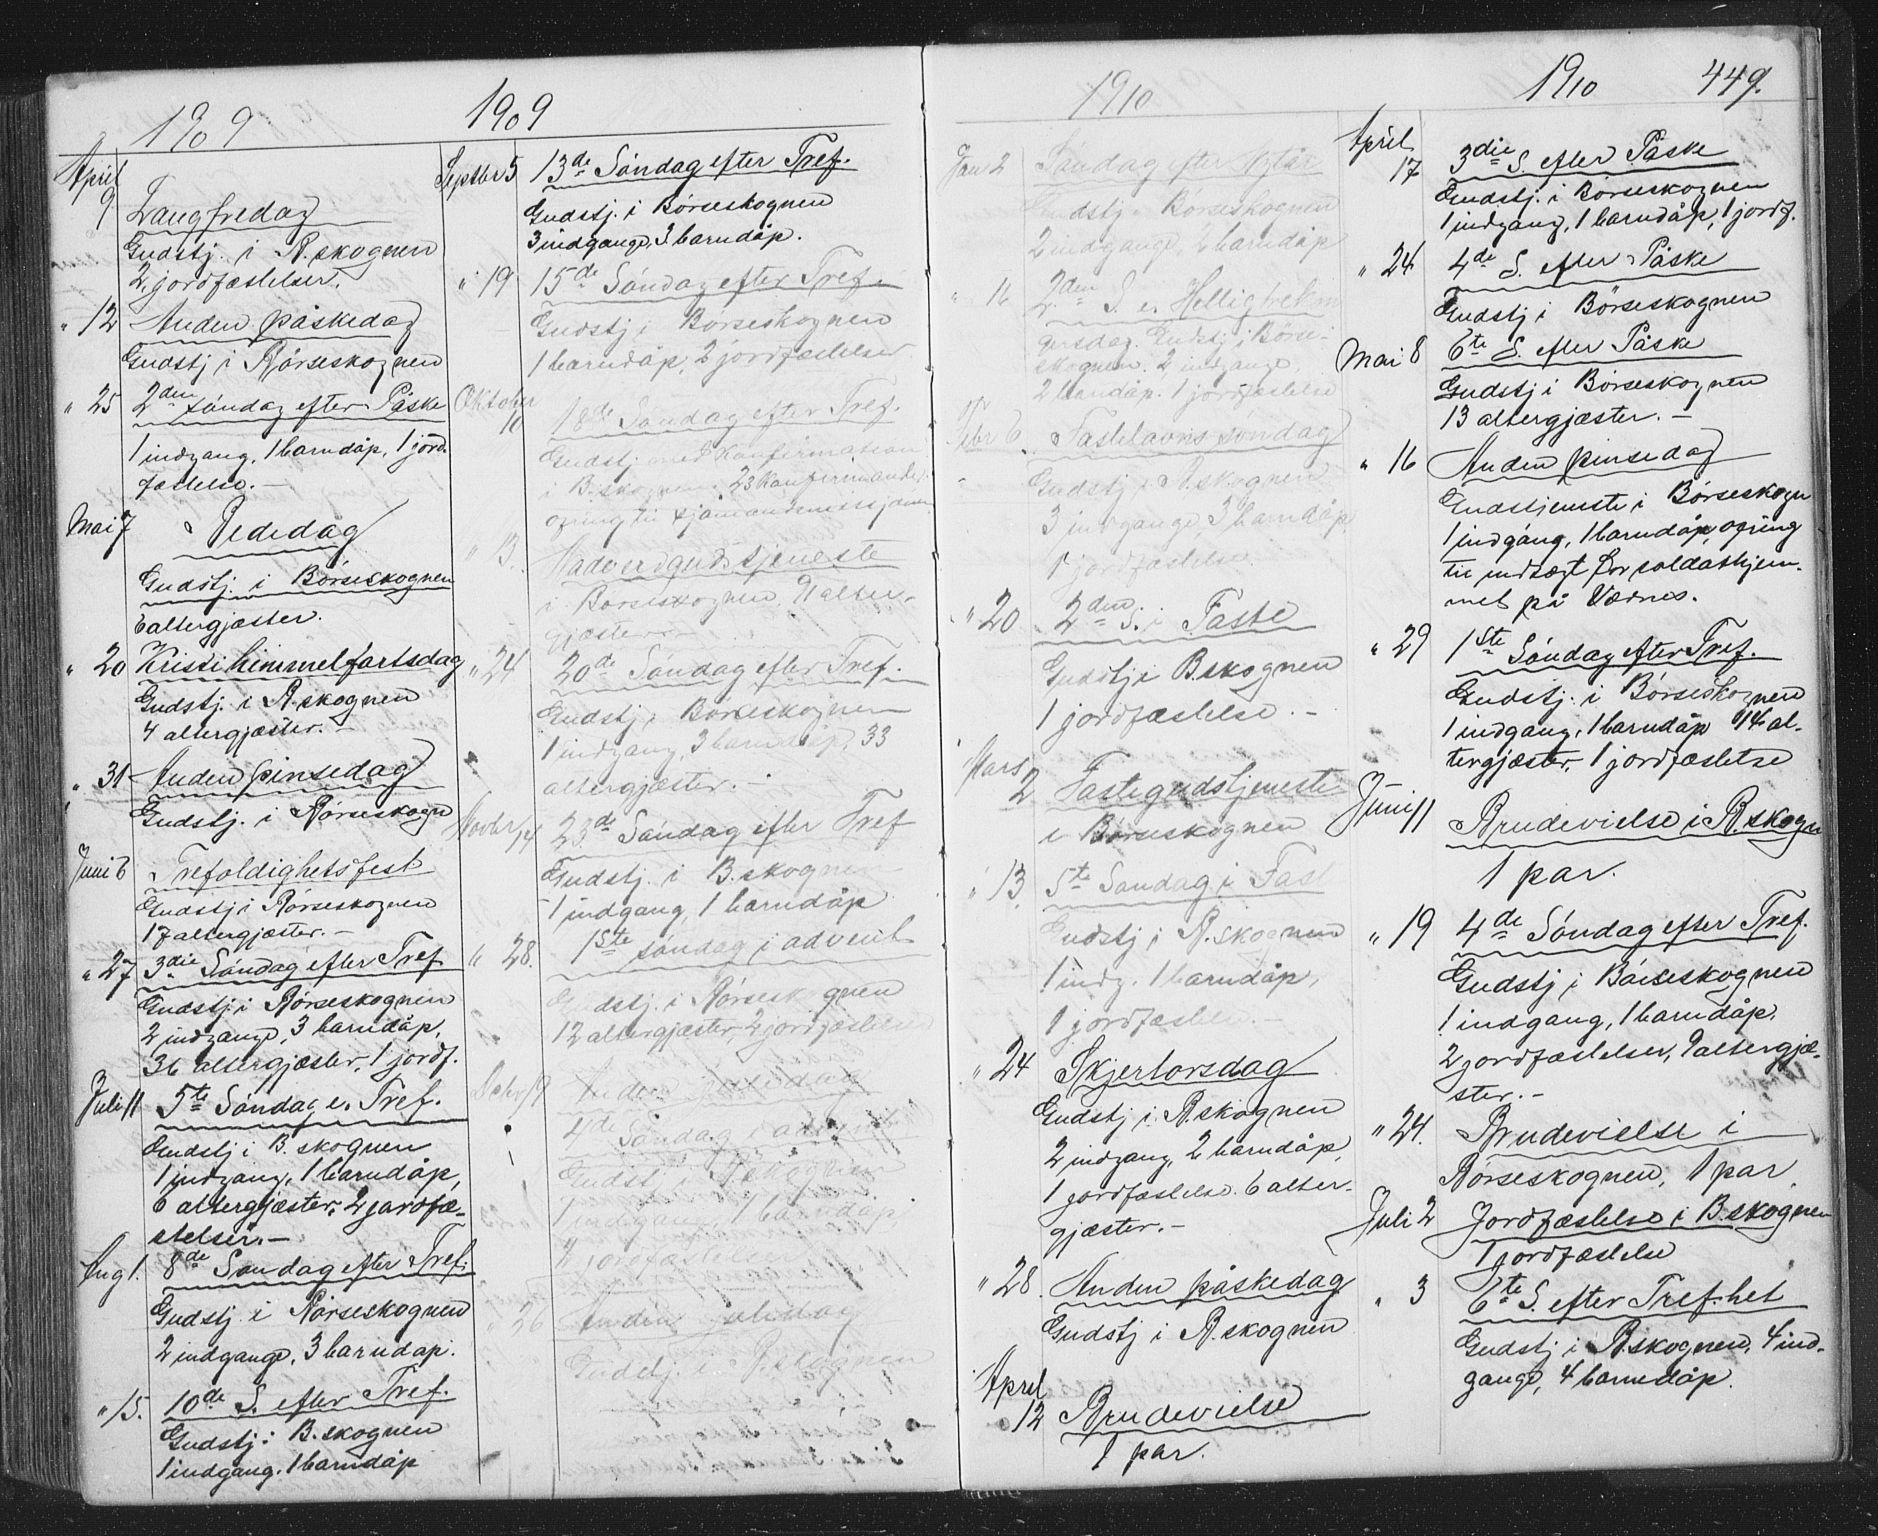 SAT, Ministerialprotokoller, klokkerbøker og fødselsregistre - Sør-Trøndelag, 667/L0798: Klokkerbok nr. 667C03, 1867-1929, s. 449